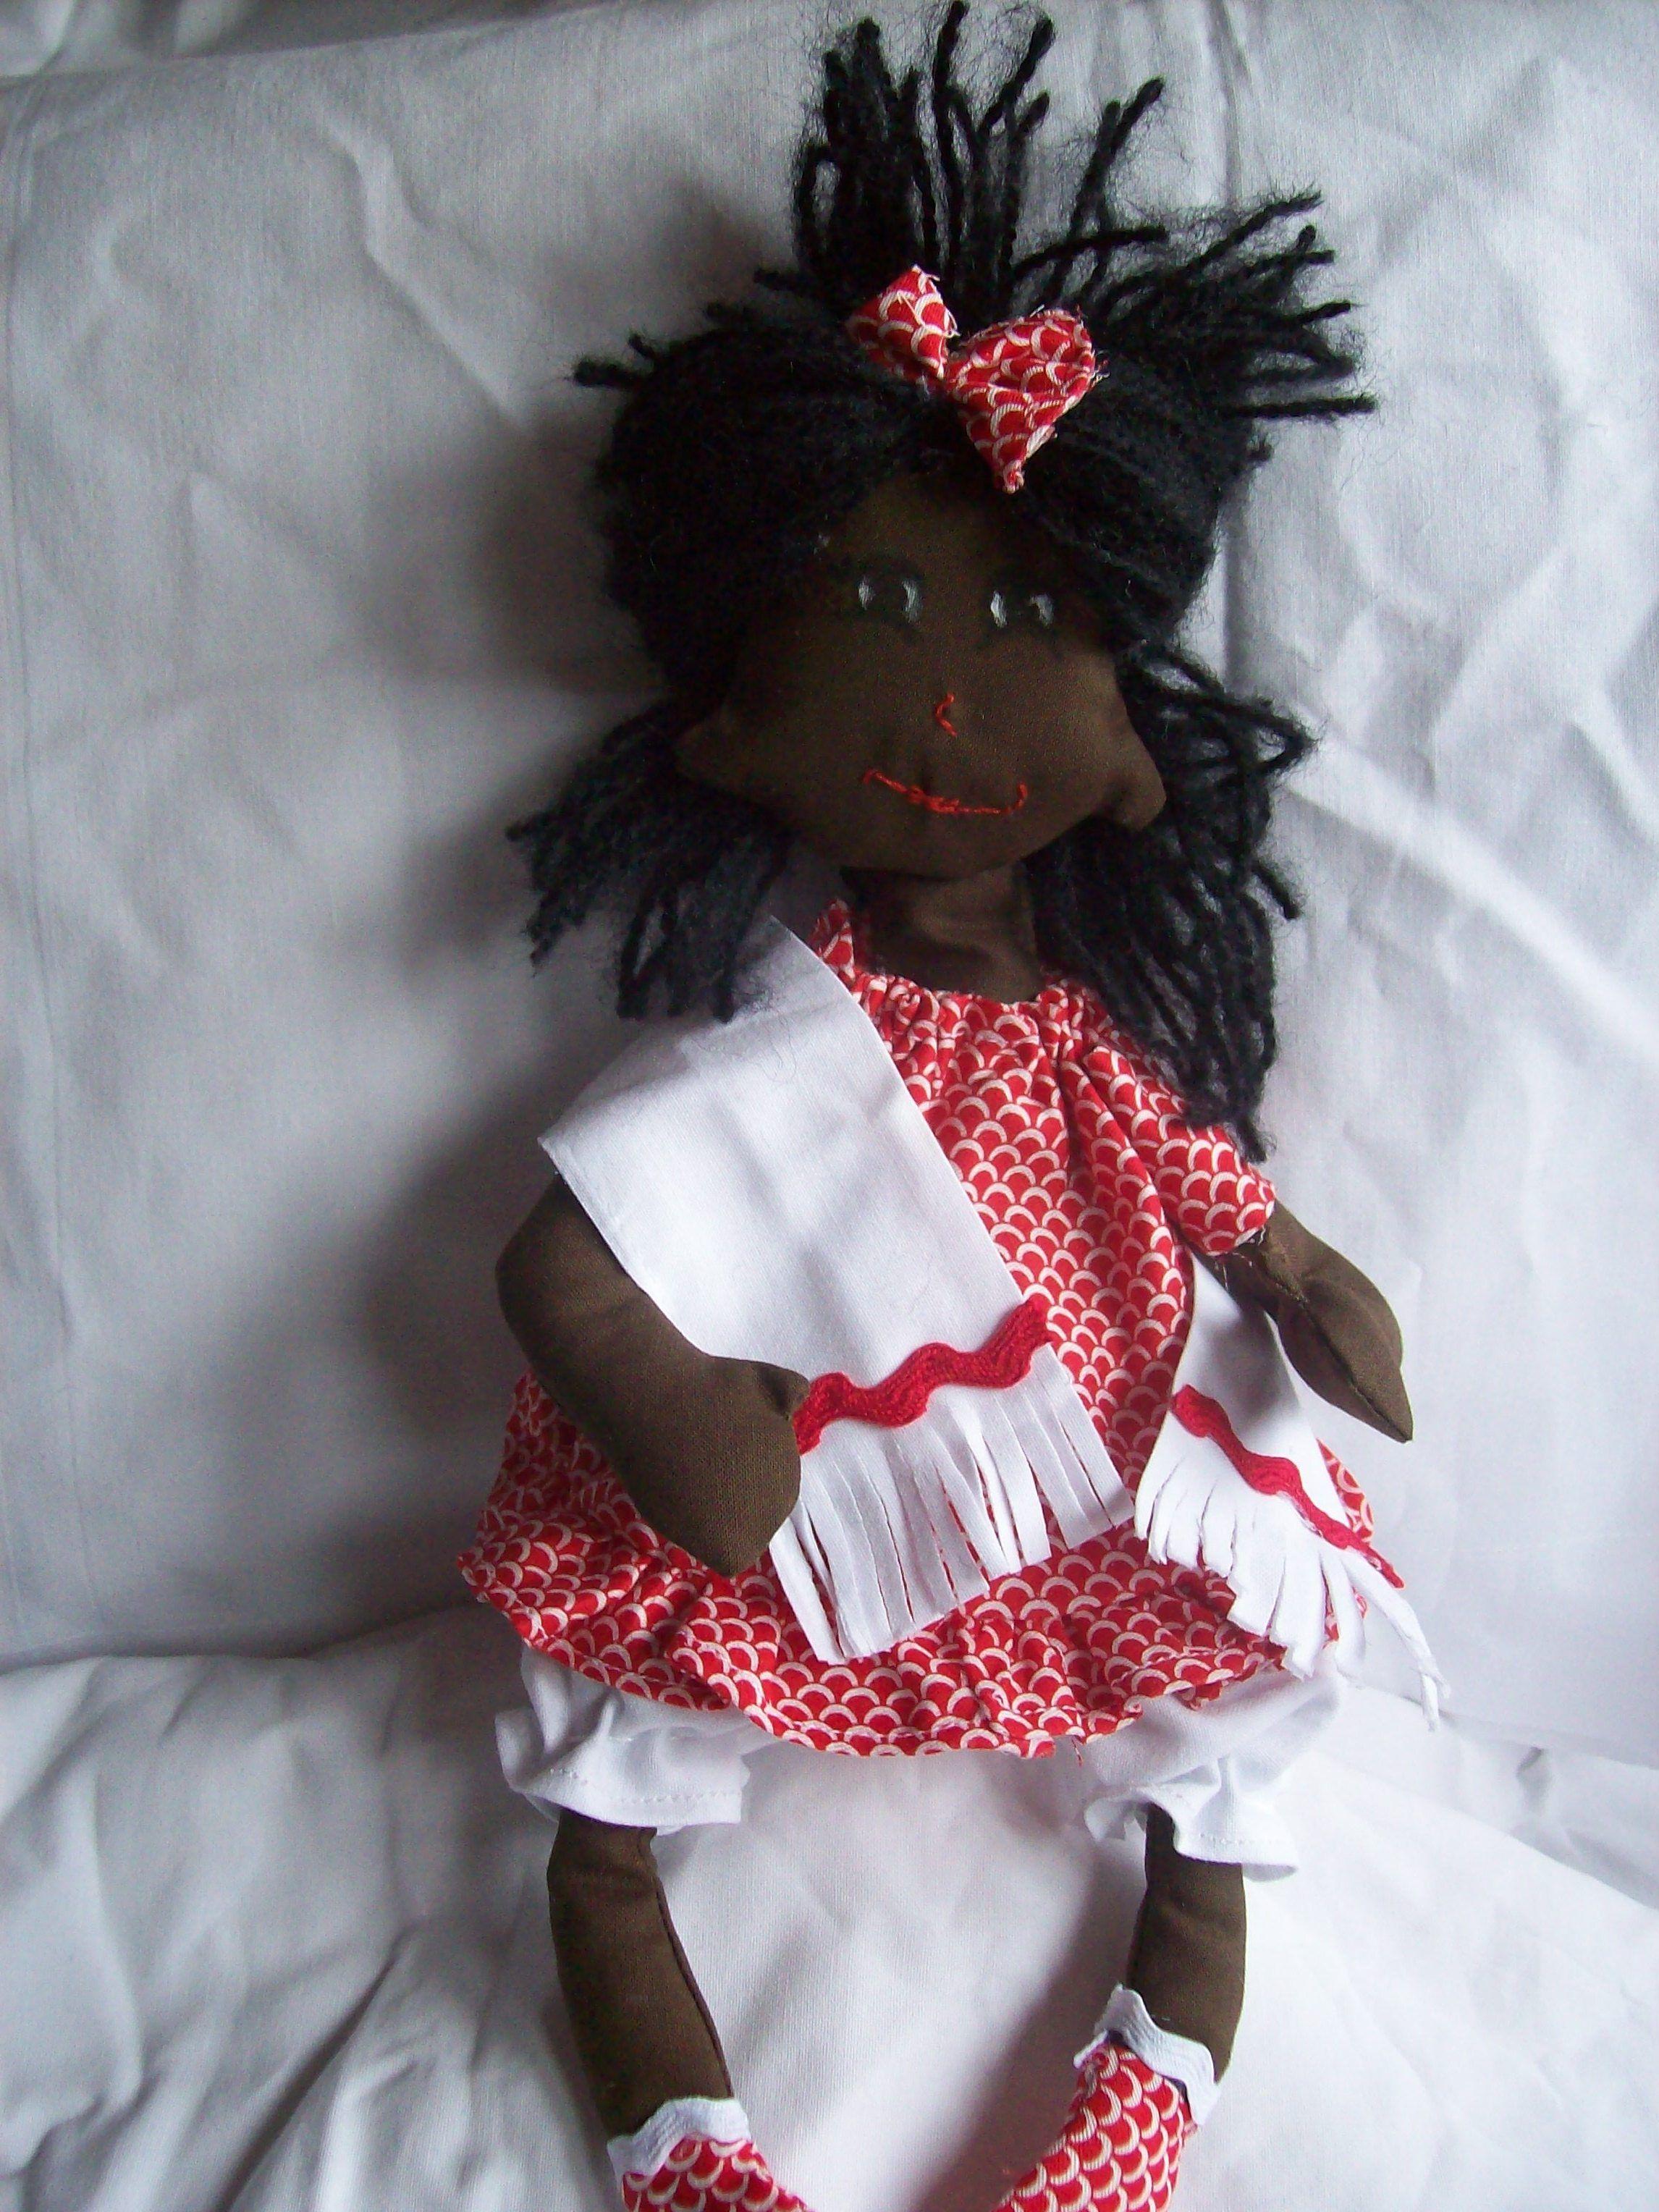 http://www.misshobby.com/it/negozi/dolls-soft-toys